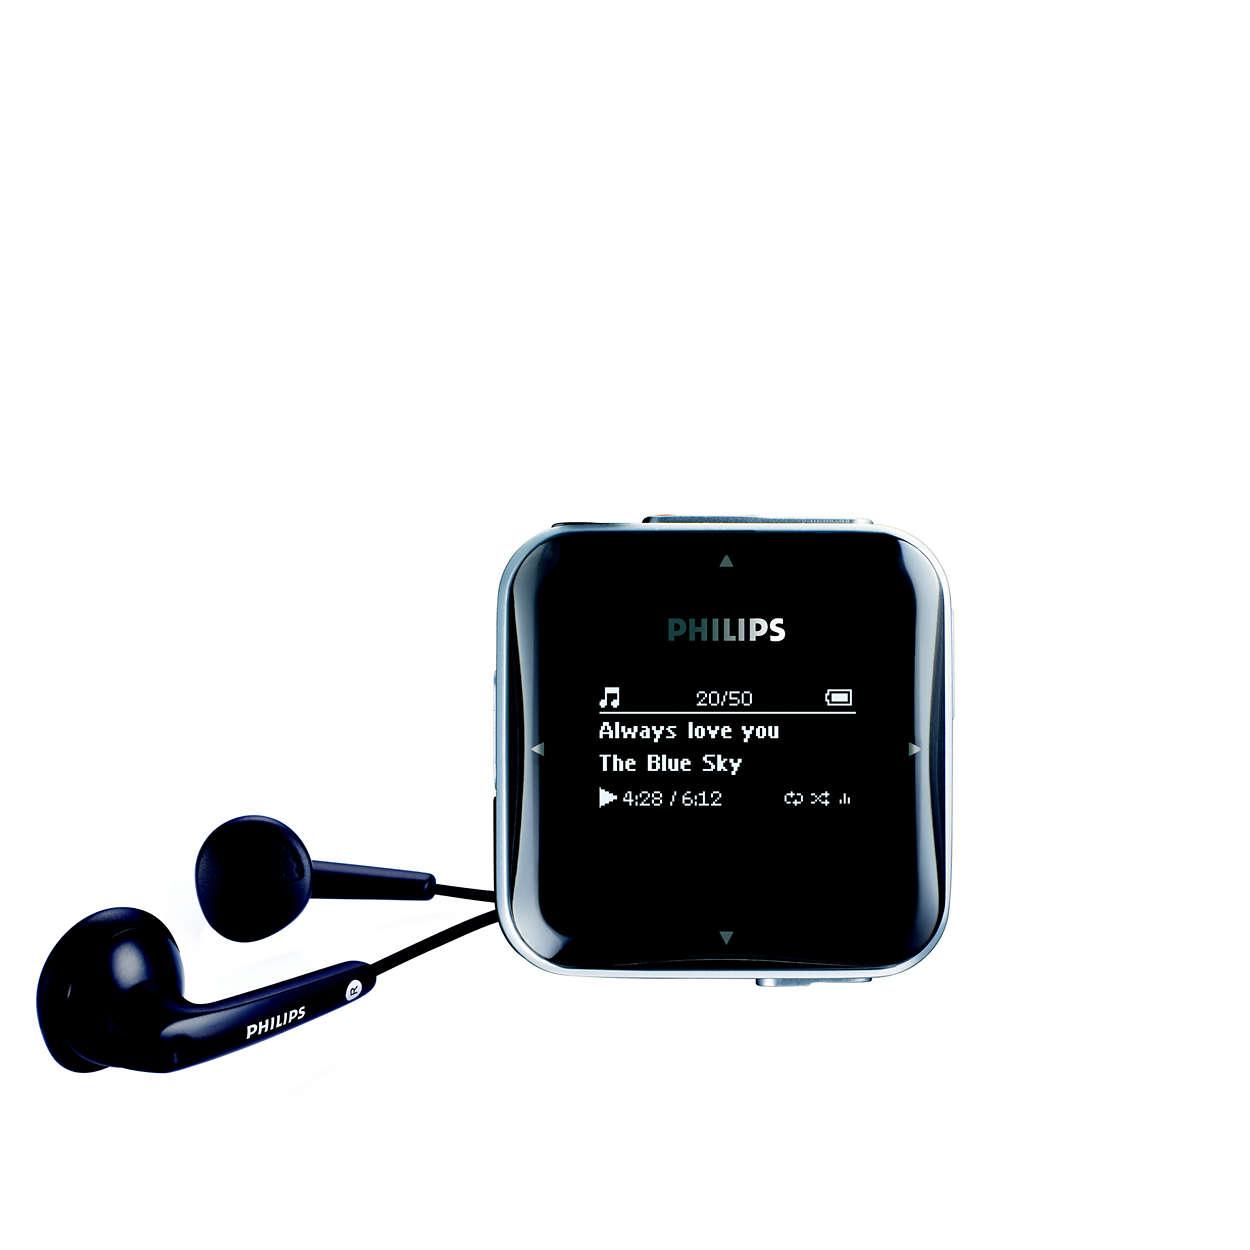 Música digital - a qualquer hora